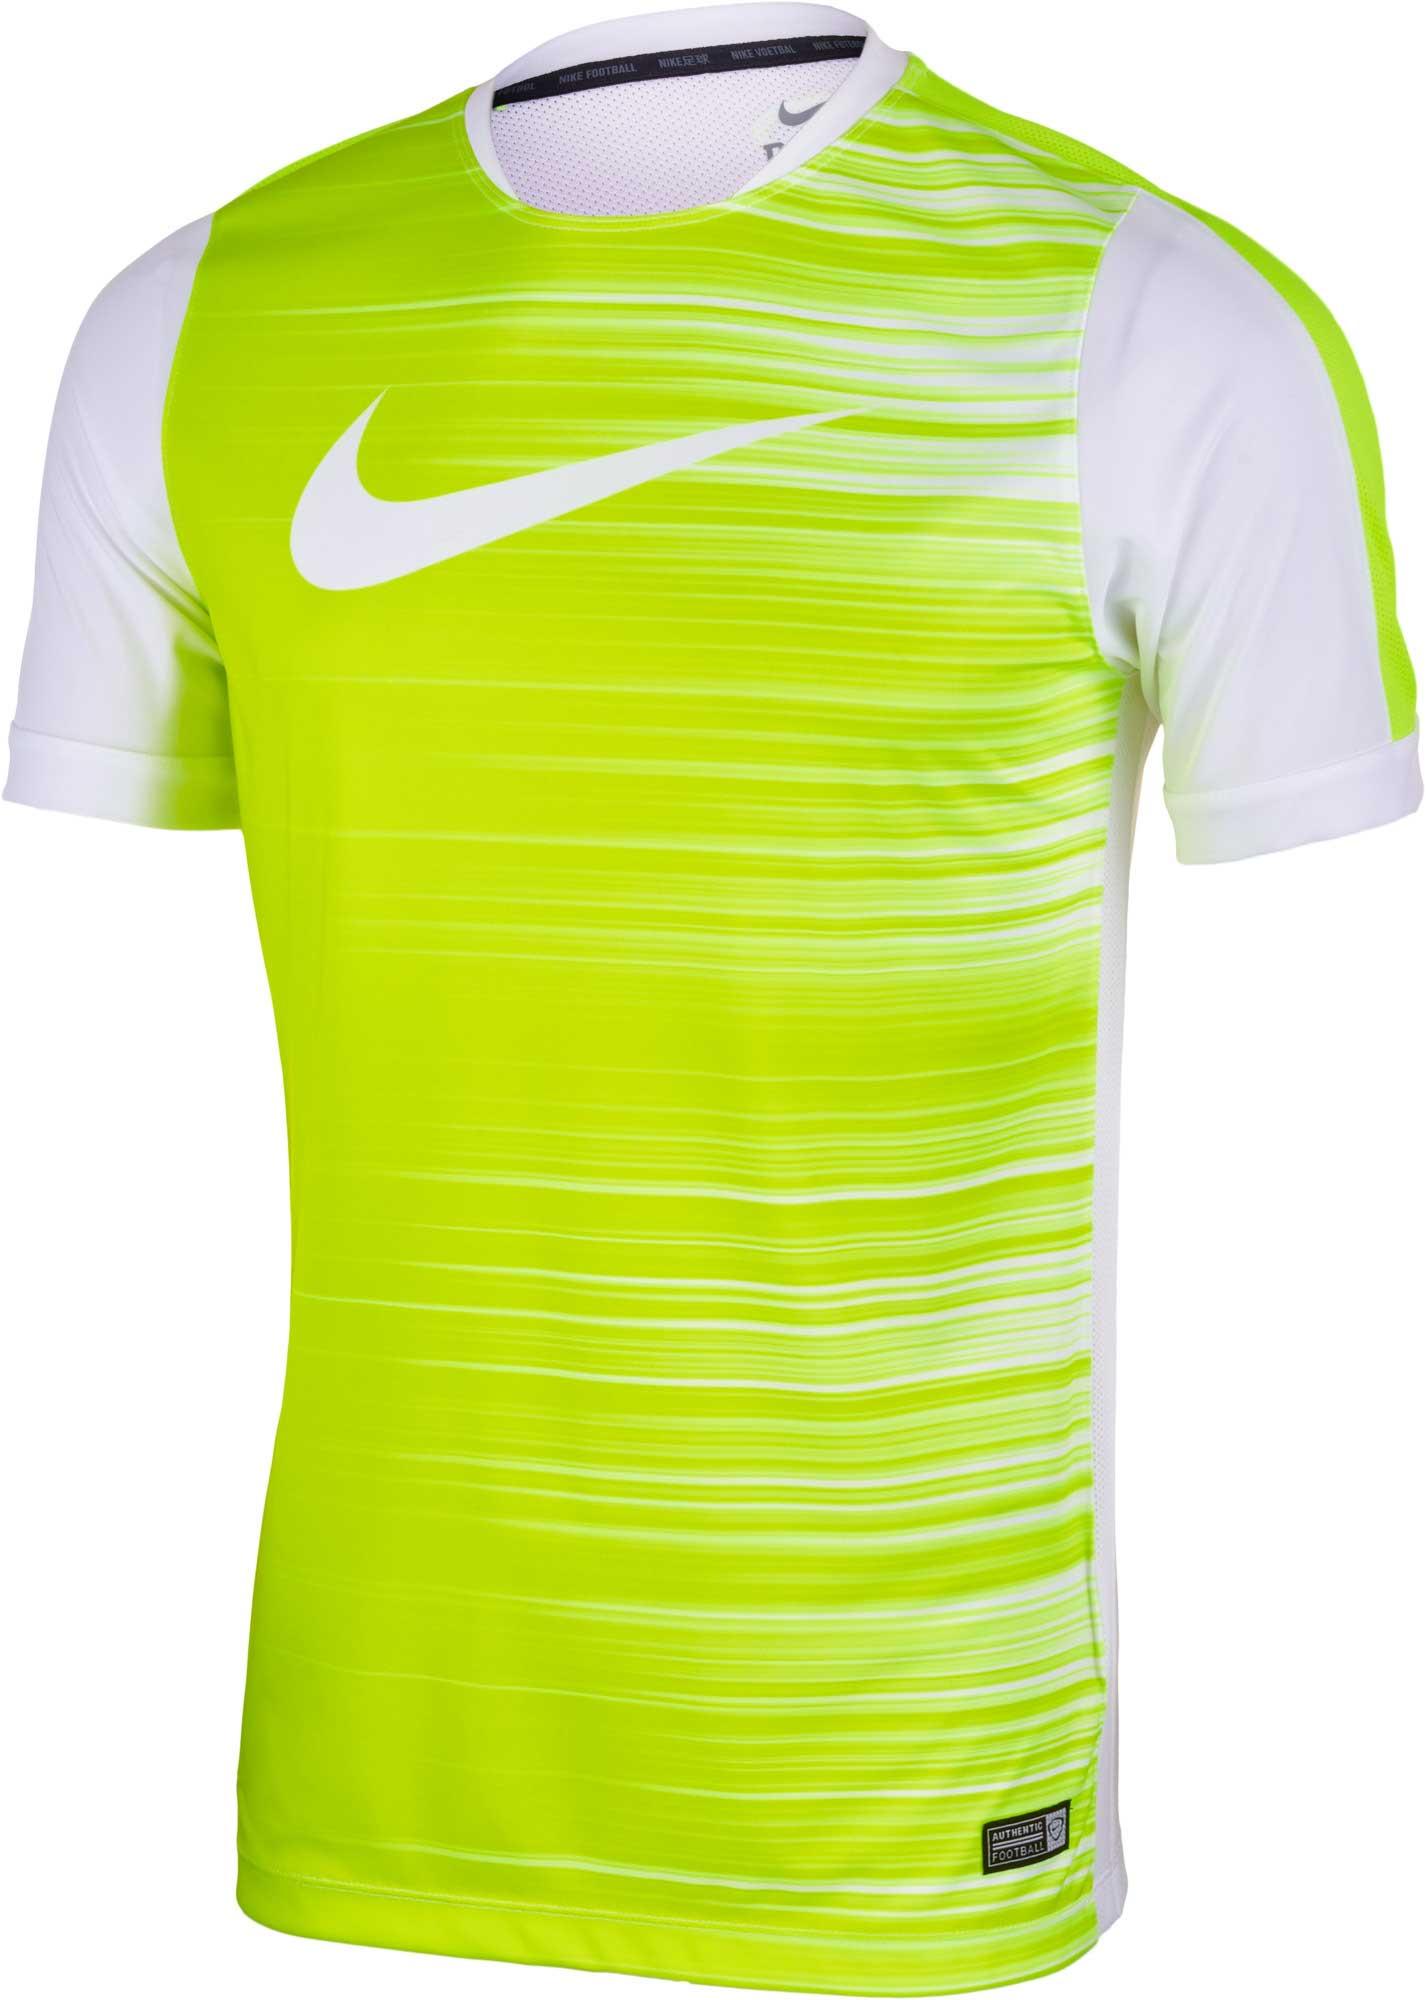 Nike GPX Flash Top II - White Nike Soccer T-Shirt 4ec361f83